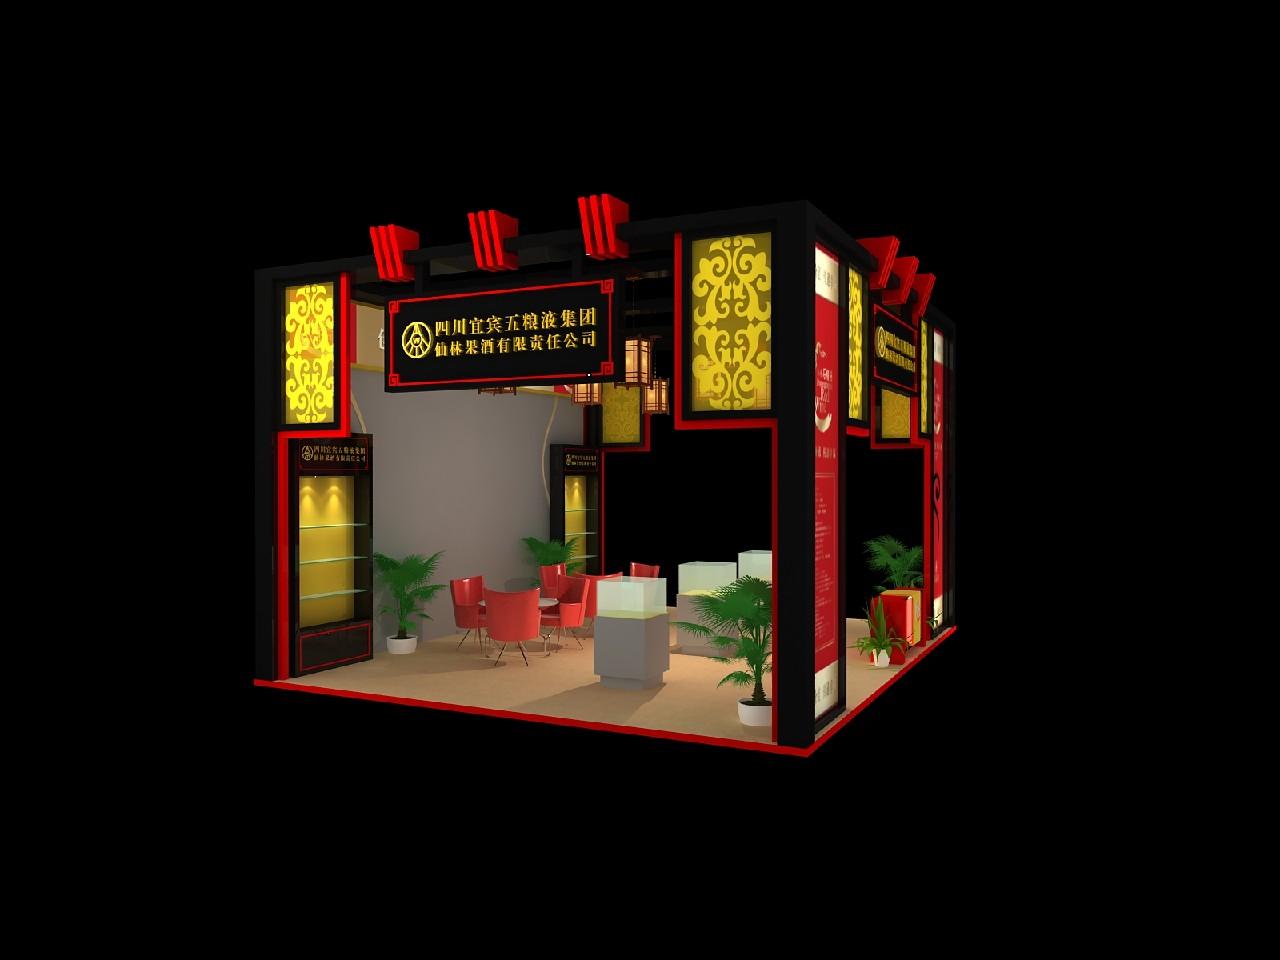 重庆糖酒交易会布展,重庆糖酒会展台设计搭建,重庆糖酒会搭建商,重庆图片